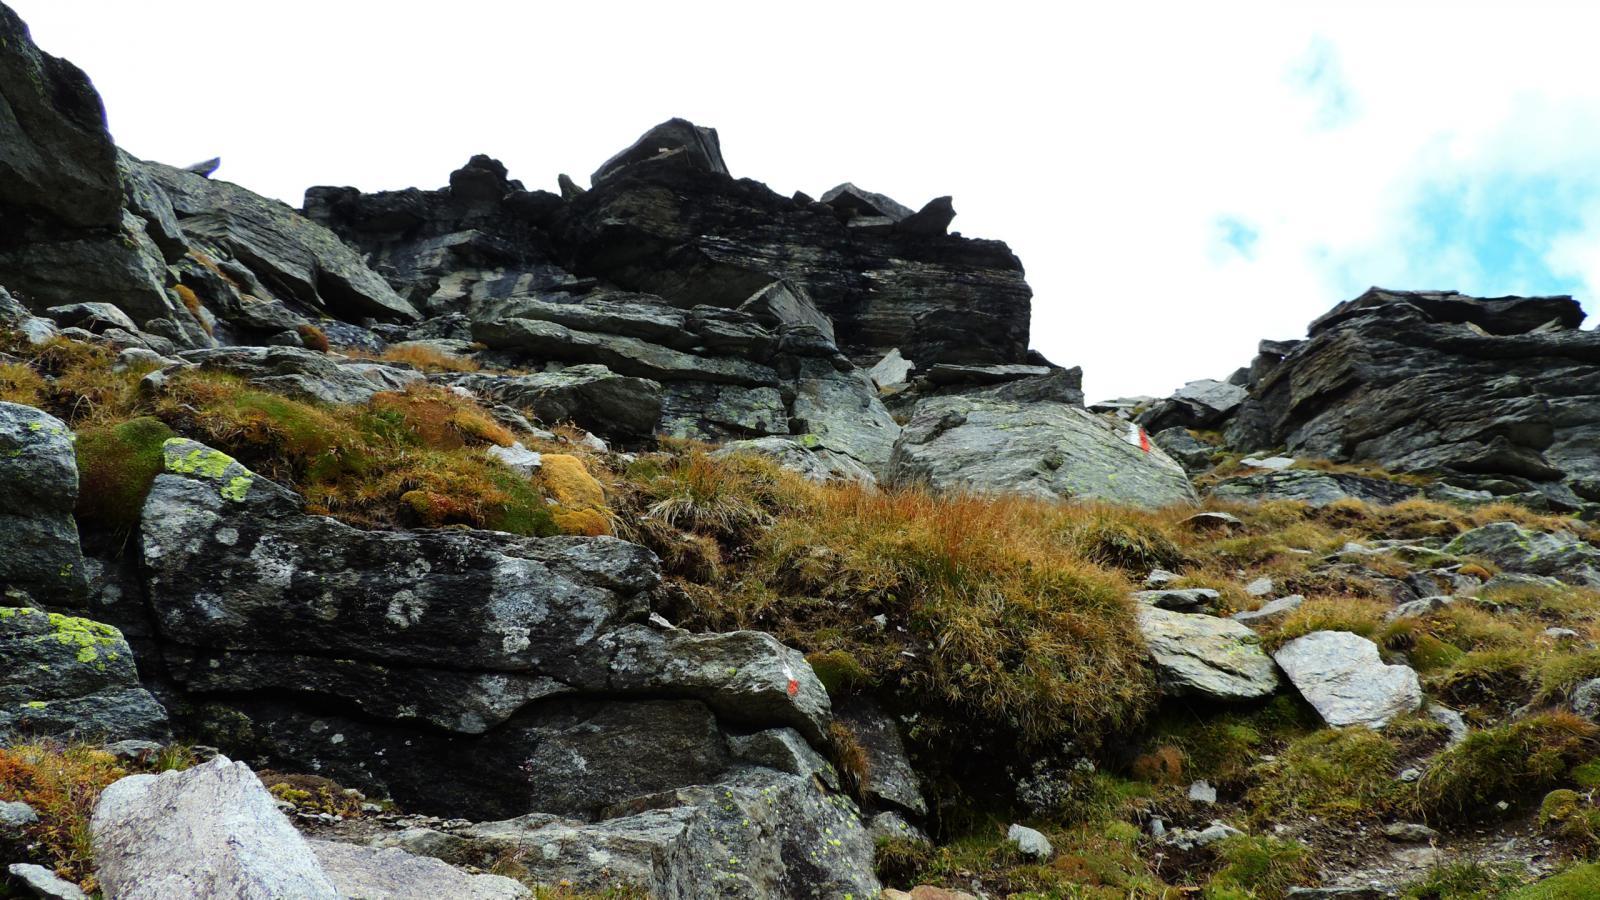 un tratto ripido della cresta Est tra roccioni e salti di roccia